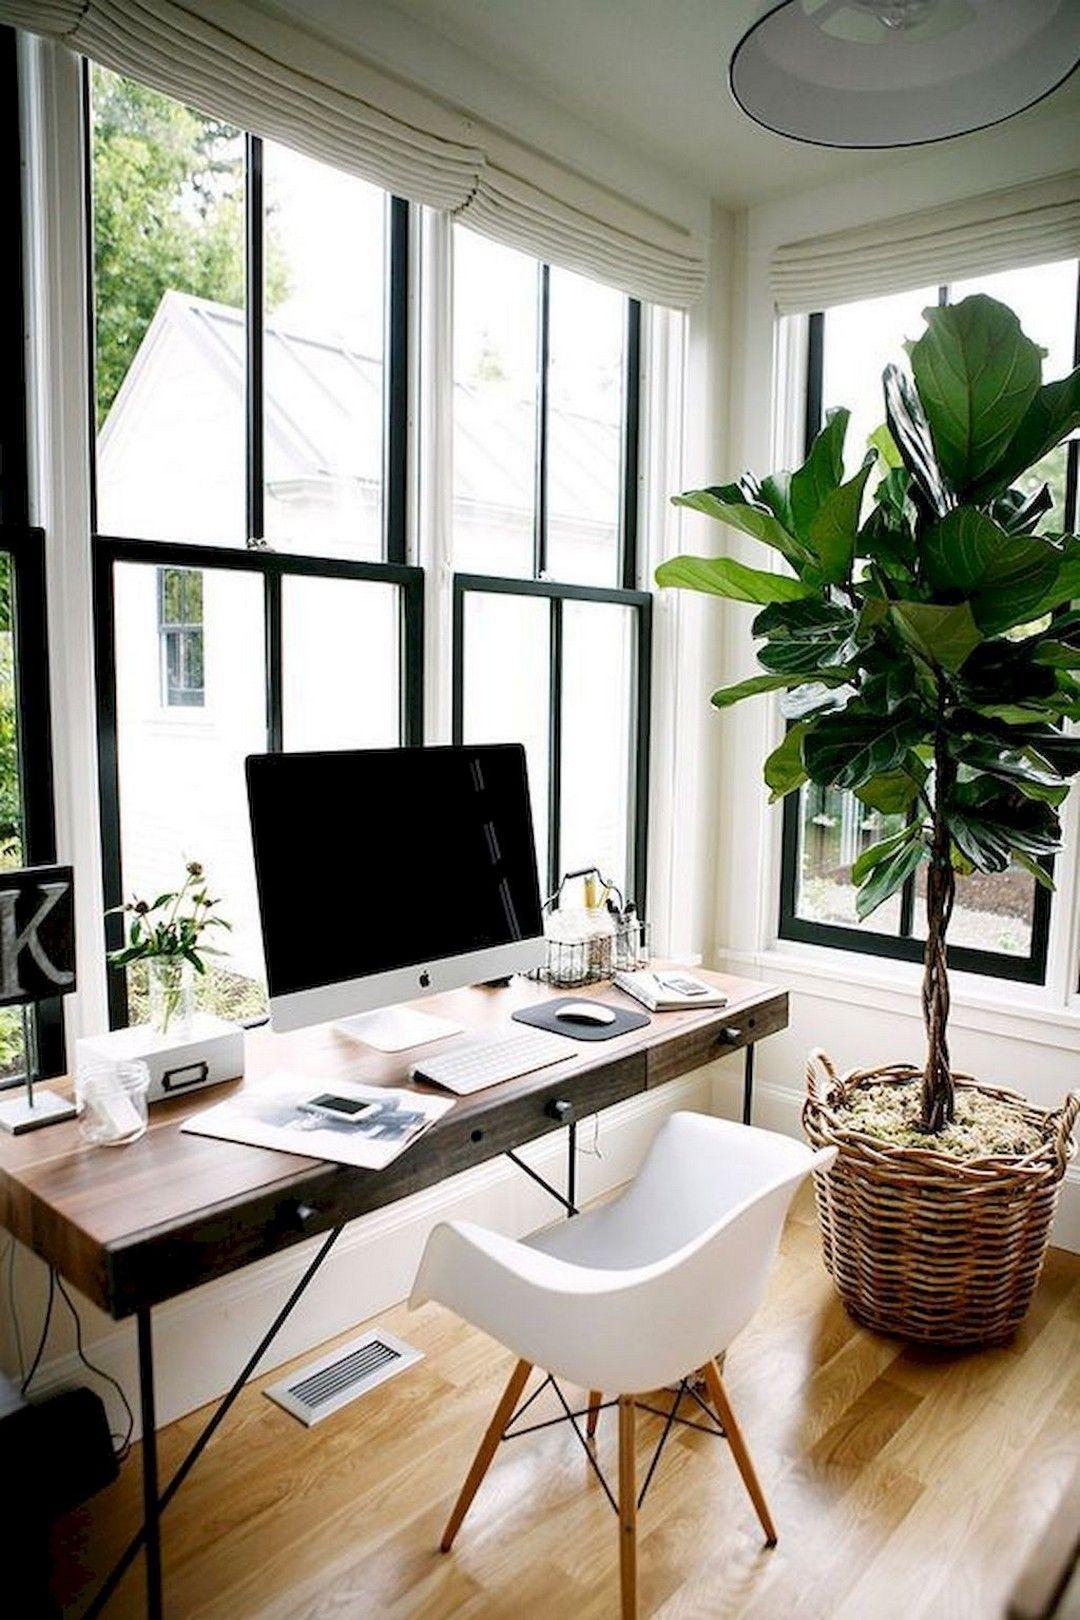 Home-office-design-ideen generieren von eleganten hausdekorationsideen in jedem haus designs